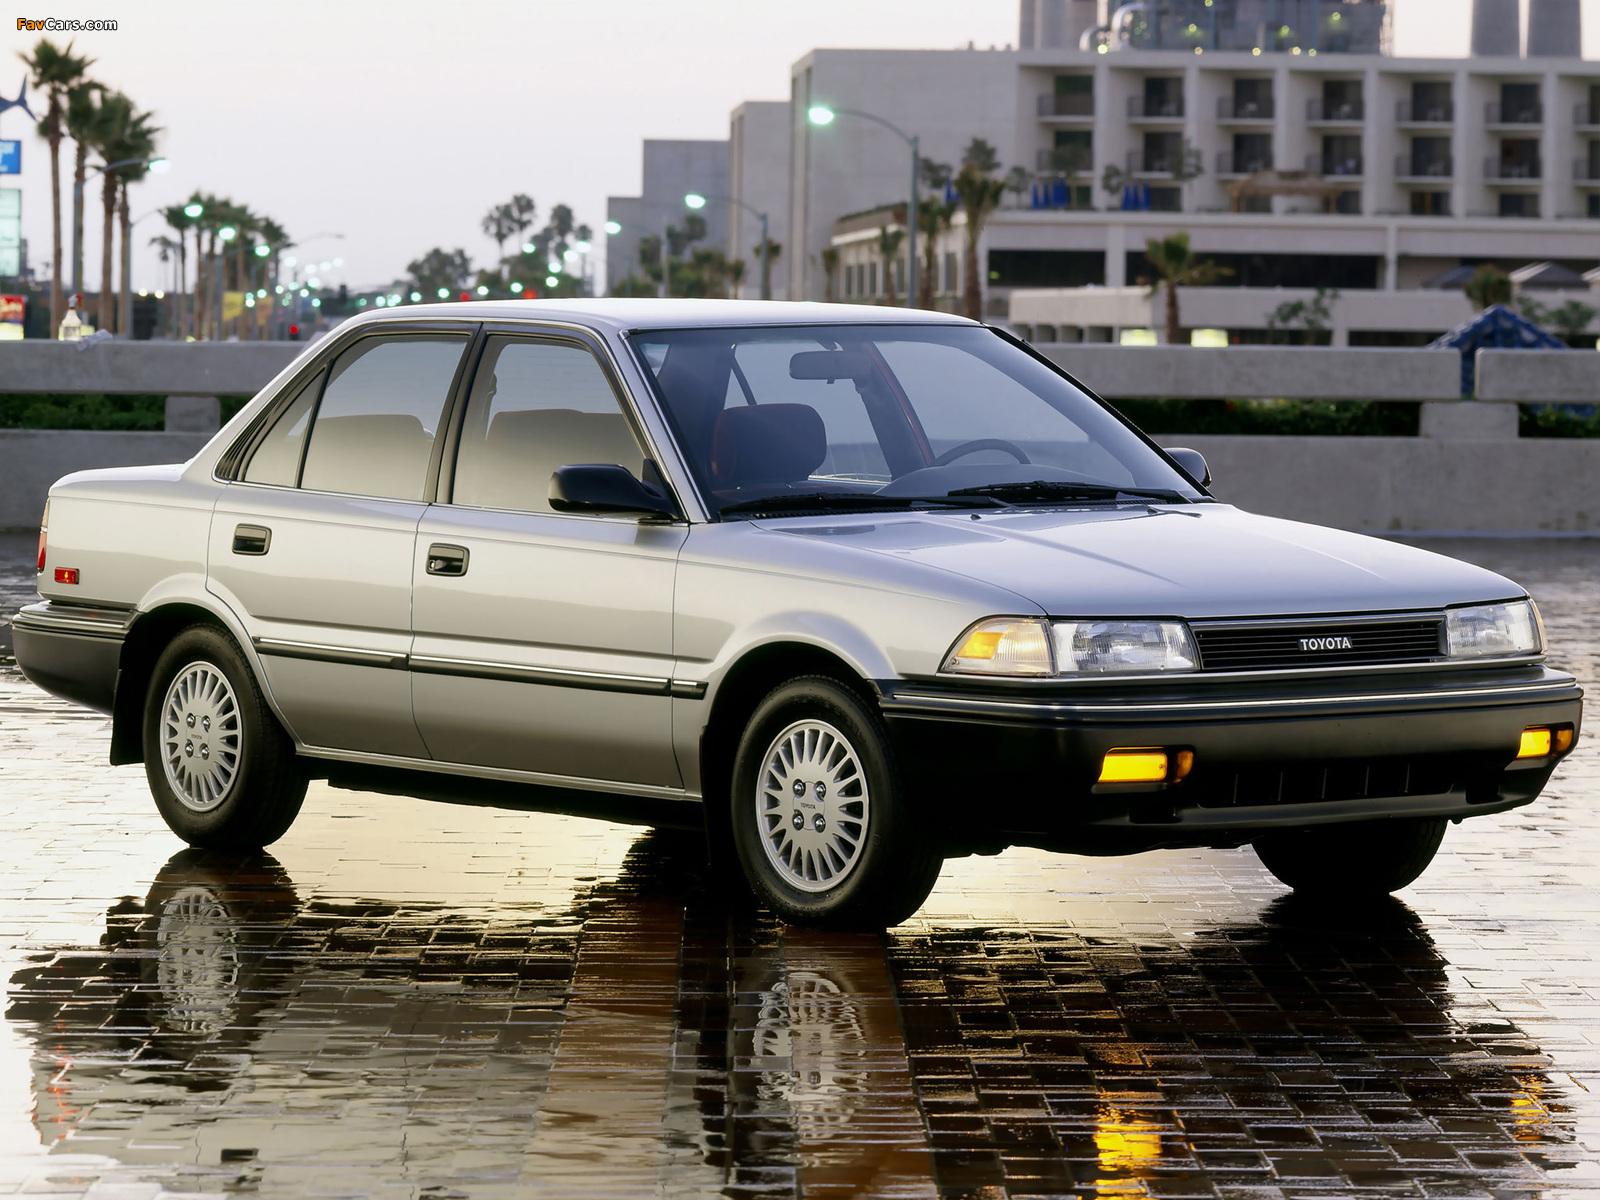 Kelebihan Kekurangan Toyota Corolla 1987 Tangguh